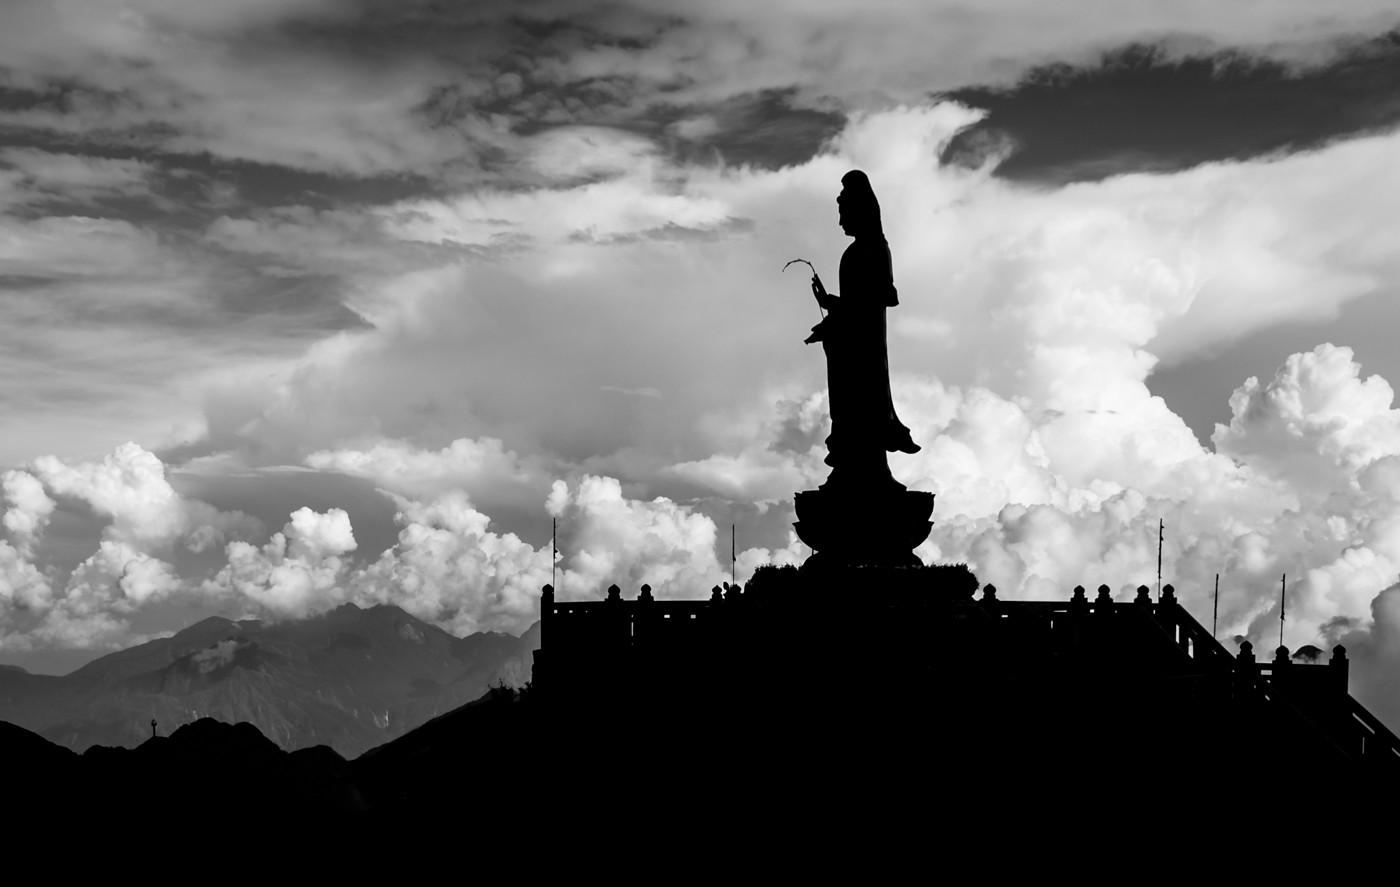 Rosemarie Edwards - Bodhisattva on Mt Fansipan (MERIT)